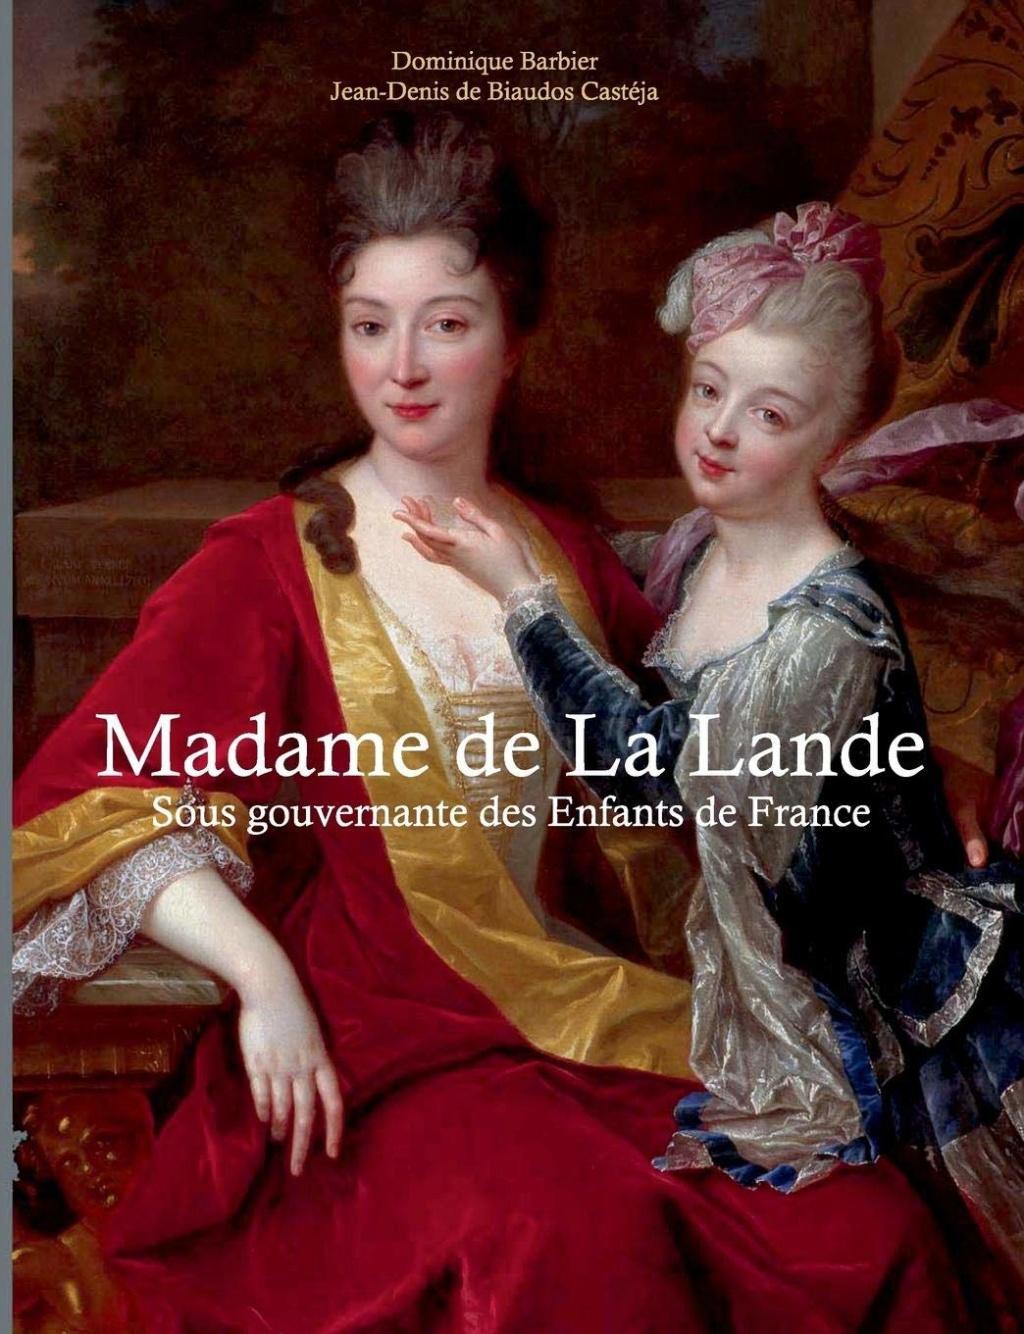 Madame de La Lande. De Didier Barbier et Jen-Denis de Biaudos Casteja 718yq910